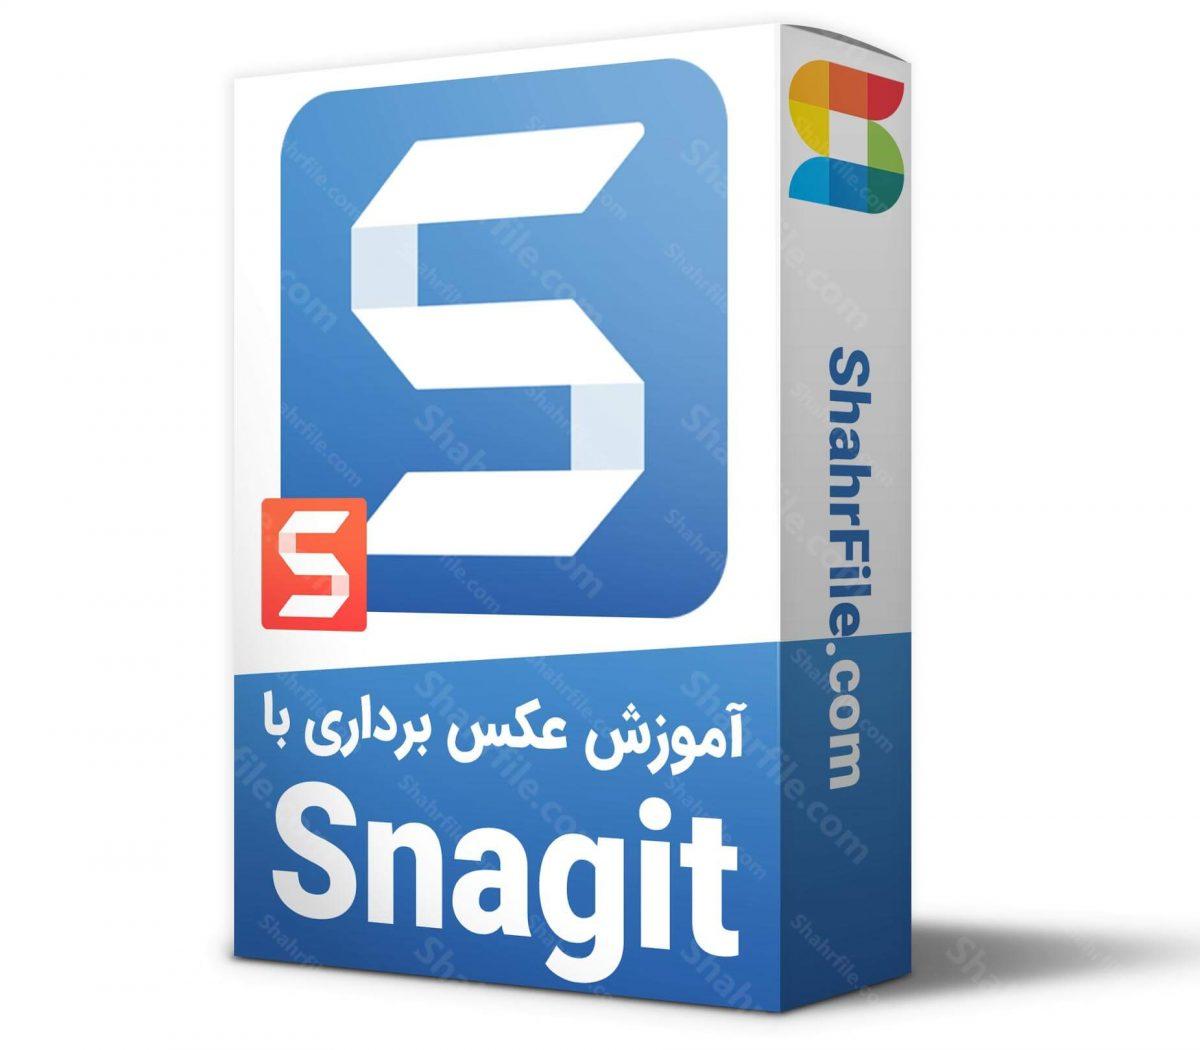 آموزش نرم افزار Snagit - آموزش اسناگیت - عکس برداری در ویندوز